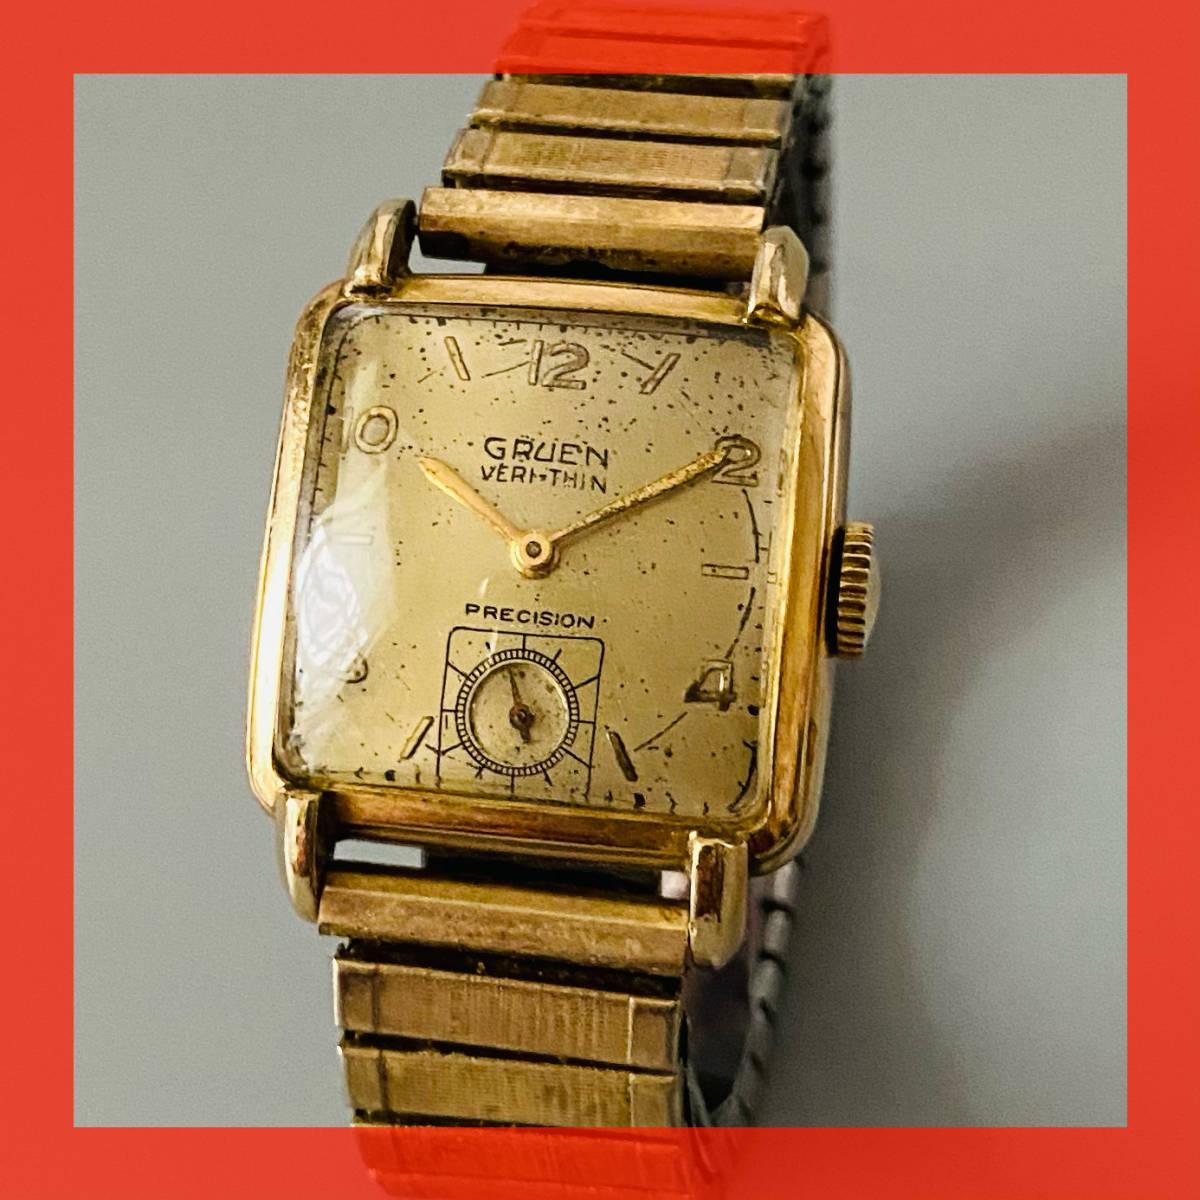 【アンティーク グリュエン】Gruen veri-thin 1940年代 スモセコ cal 425 17石 手巻き メンズ レディース ビンテージ 腕時計 スイス 訳あり_画像1